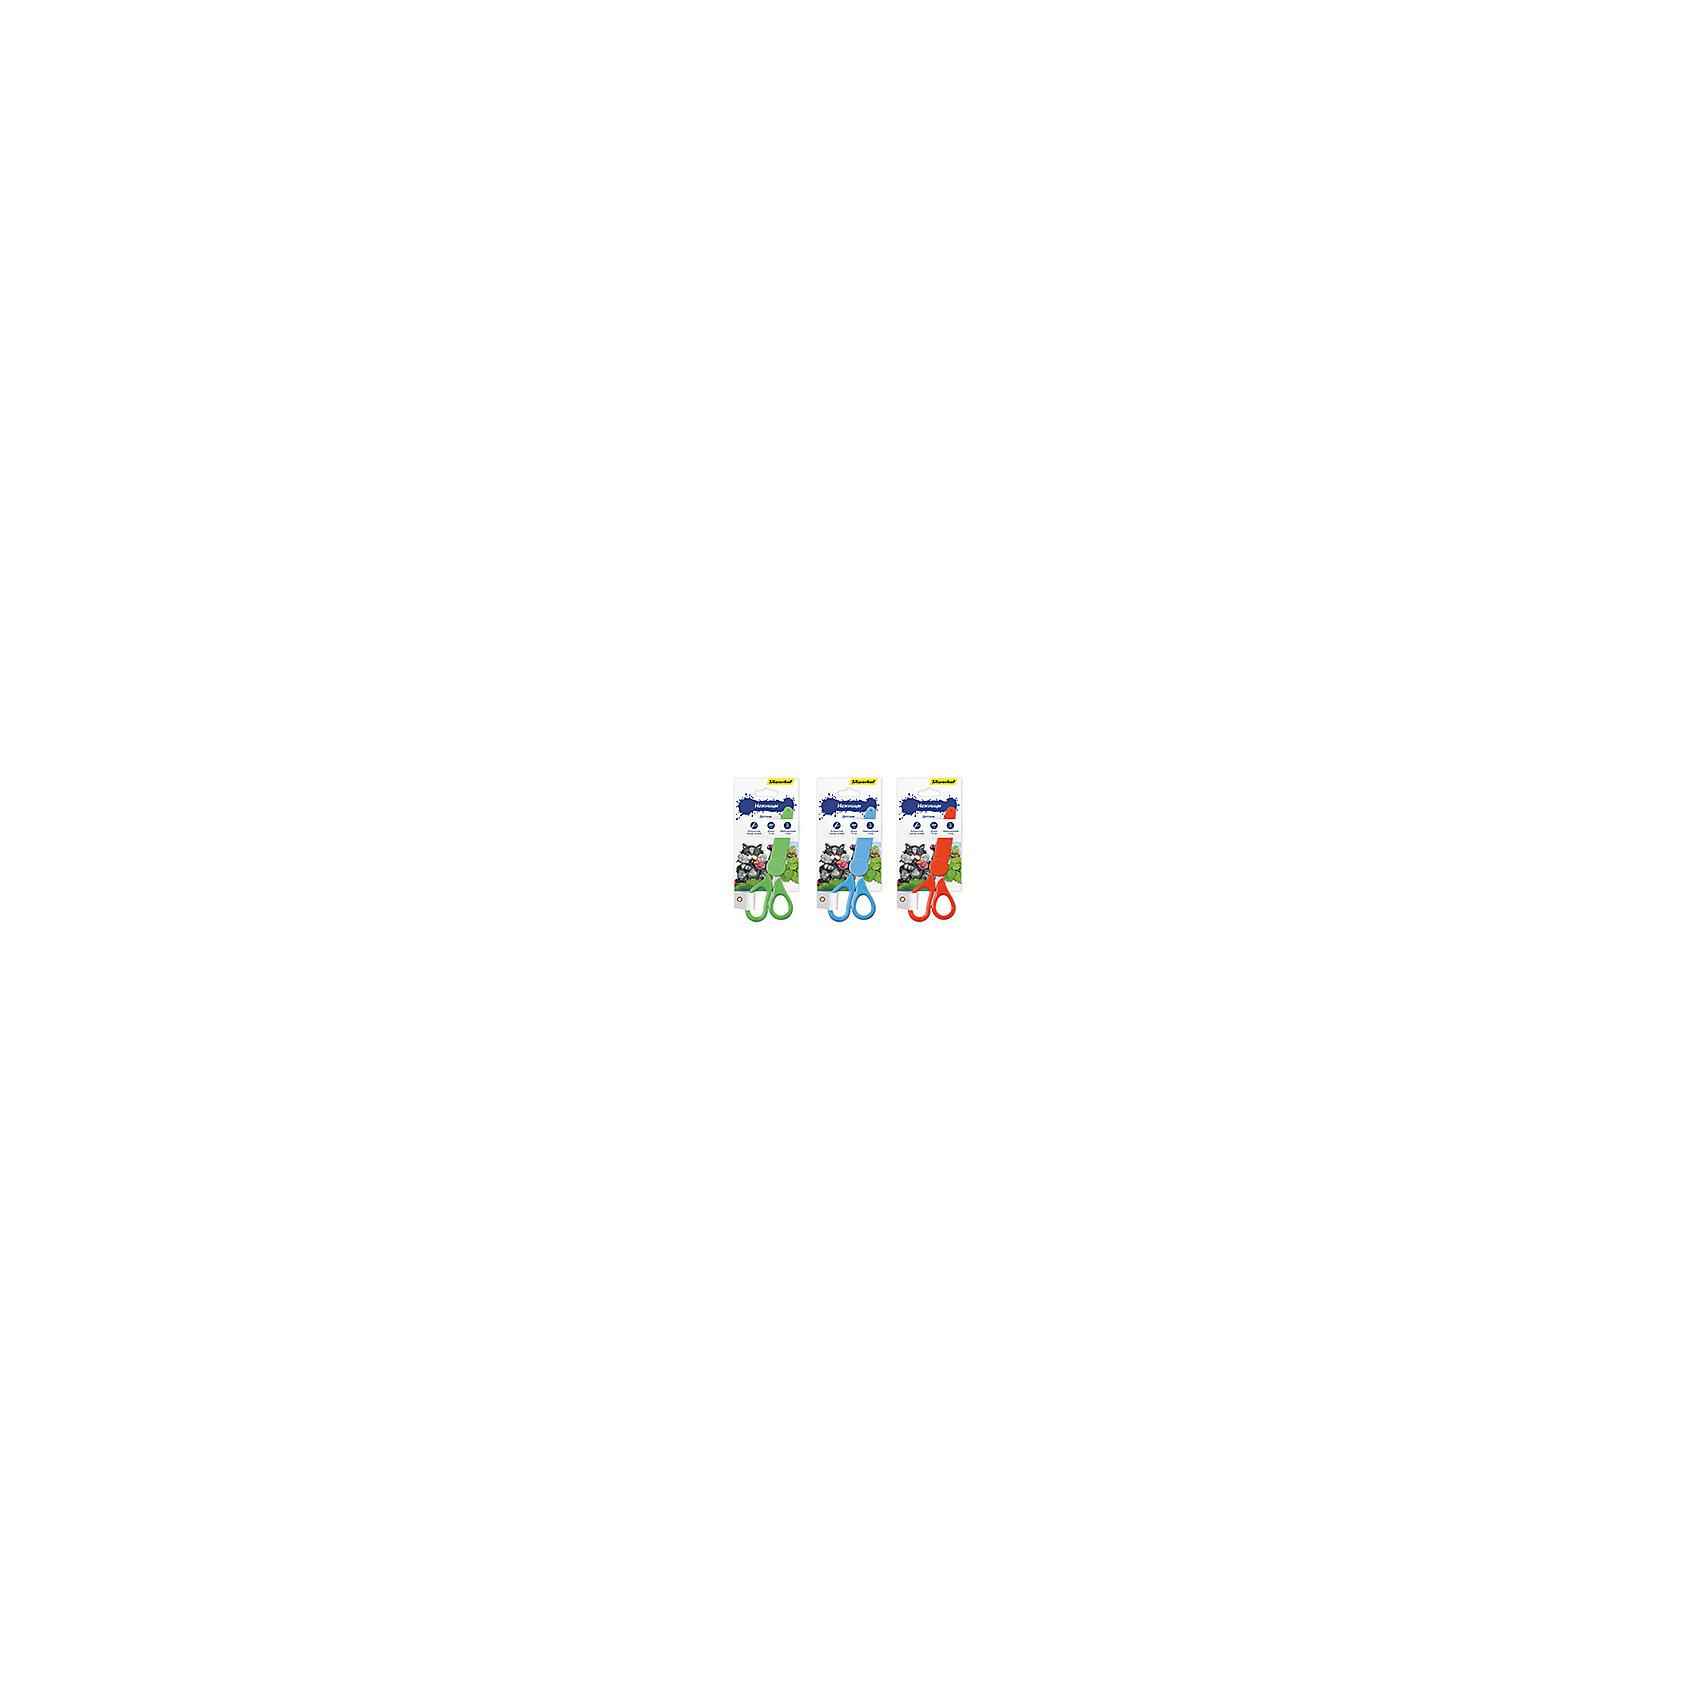 Ножницы детские, ПЛАСТИЛИНОВАЯ КОЛЛЕКЦИЯ, 13смНожницы детские, ПЛАСТИЛИНОВАЯ КОЛЛЕКЦИЯ, 13см, пластиковые ручки, с защитным футляром, блистер с европодвесом арт.453069 ед.изм.Шт<br><br>Ширина мм: 150<br>Глубина мм: 80<br>Высота мм: 4<br>Вес г: 38<br>Возраст от месяцев: 36<br>Возраст до месяцев: 144<br>Пол: Унисекс<br>Возраст: Детский<br>SKU: 5020564